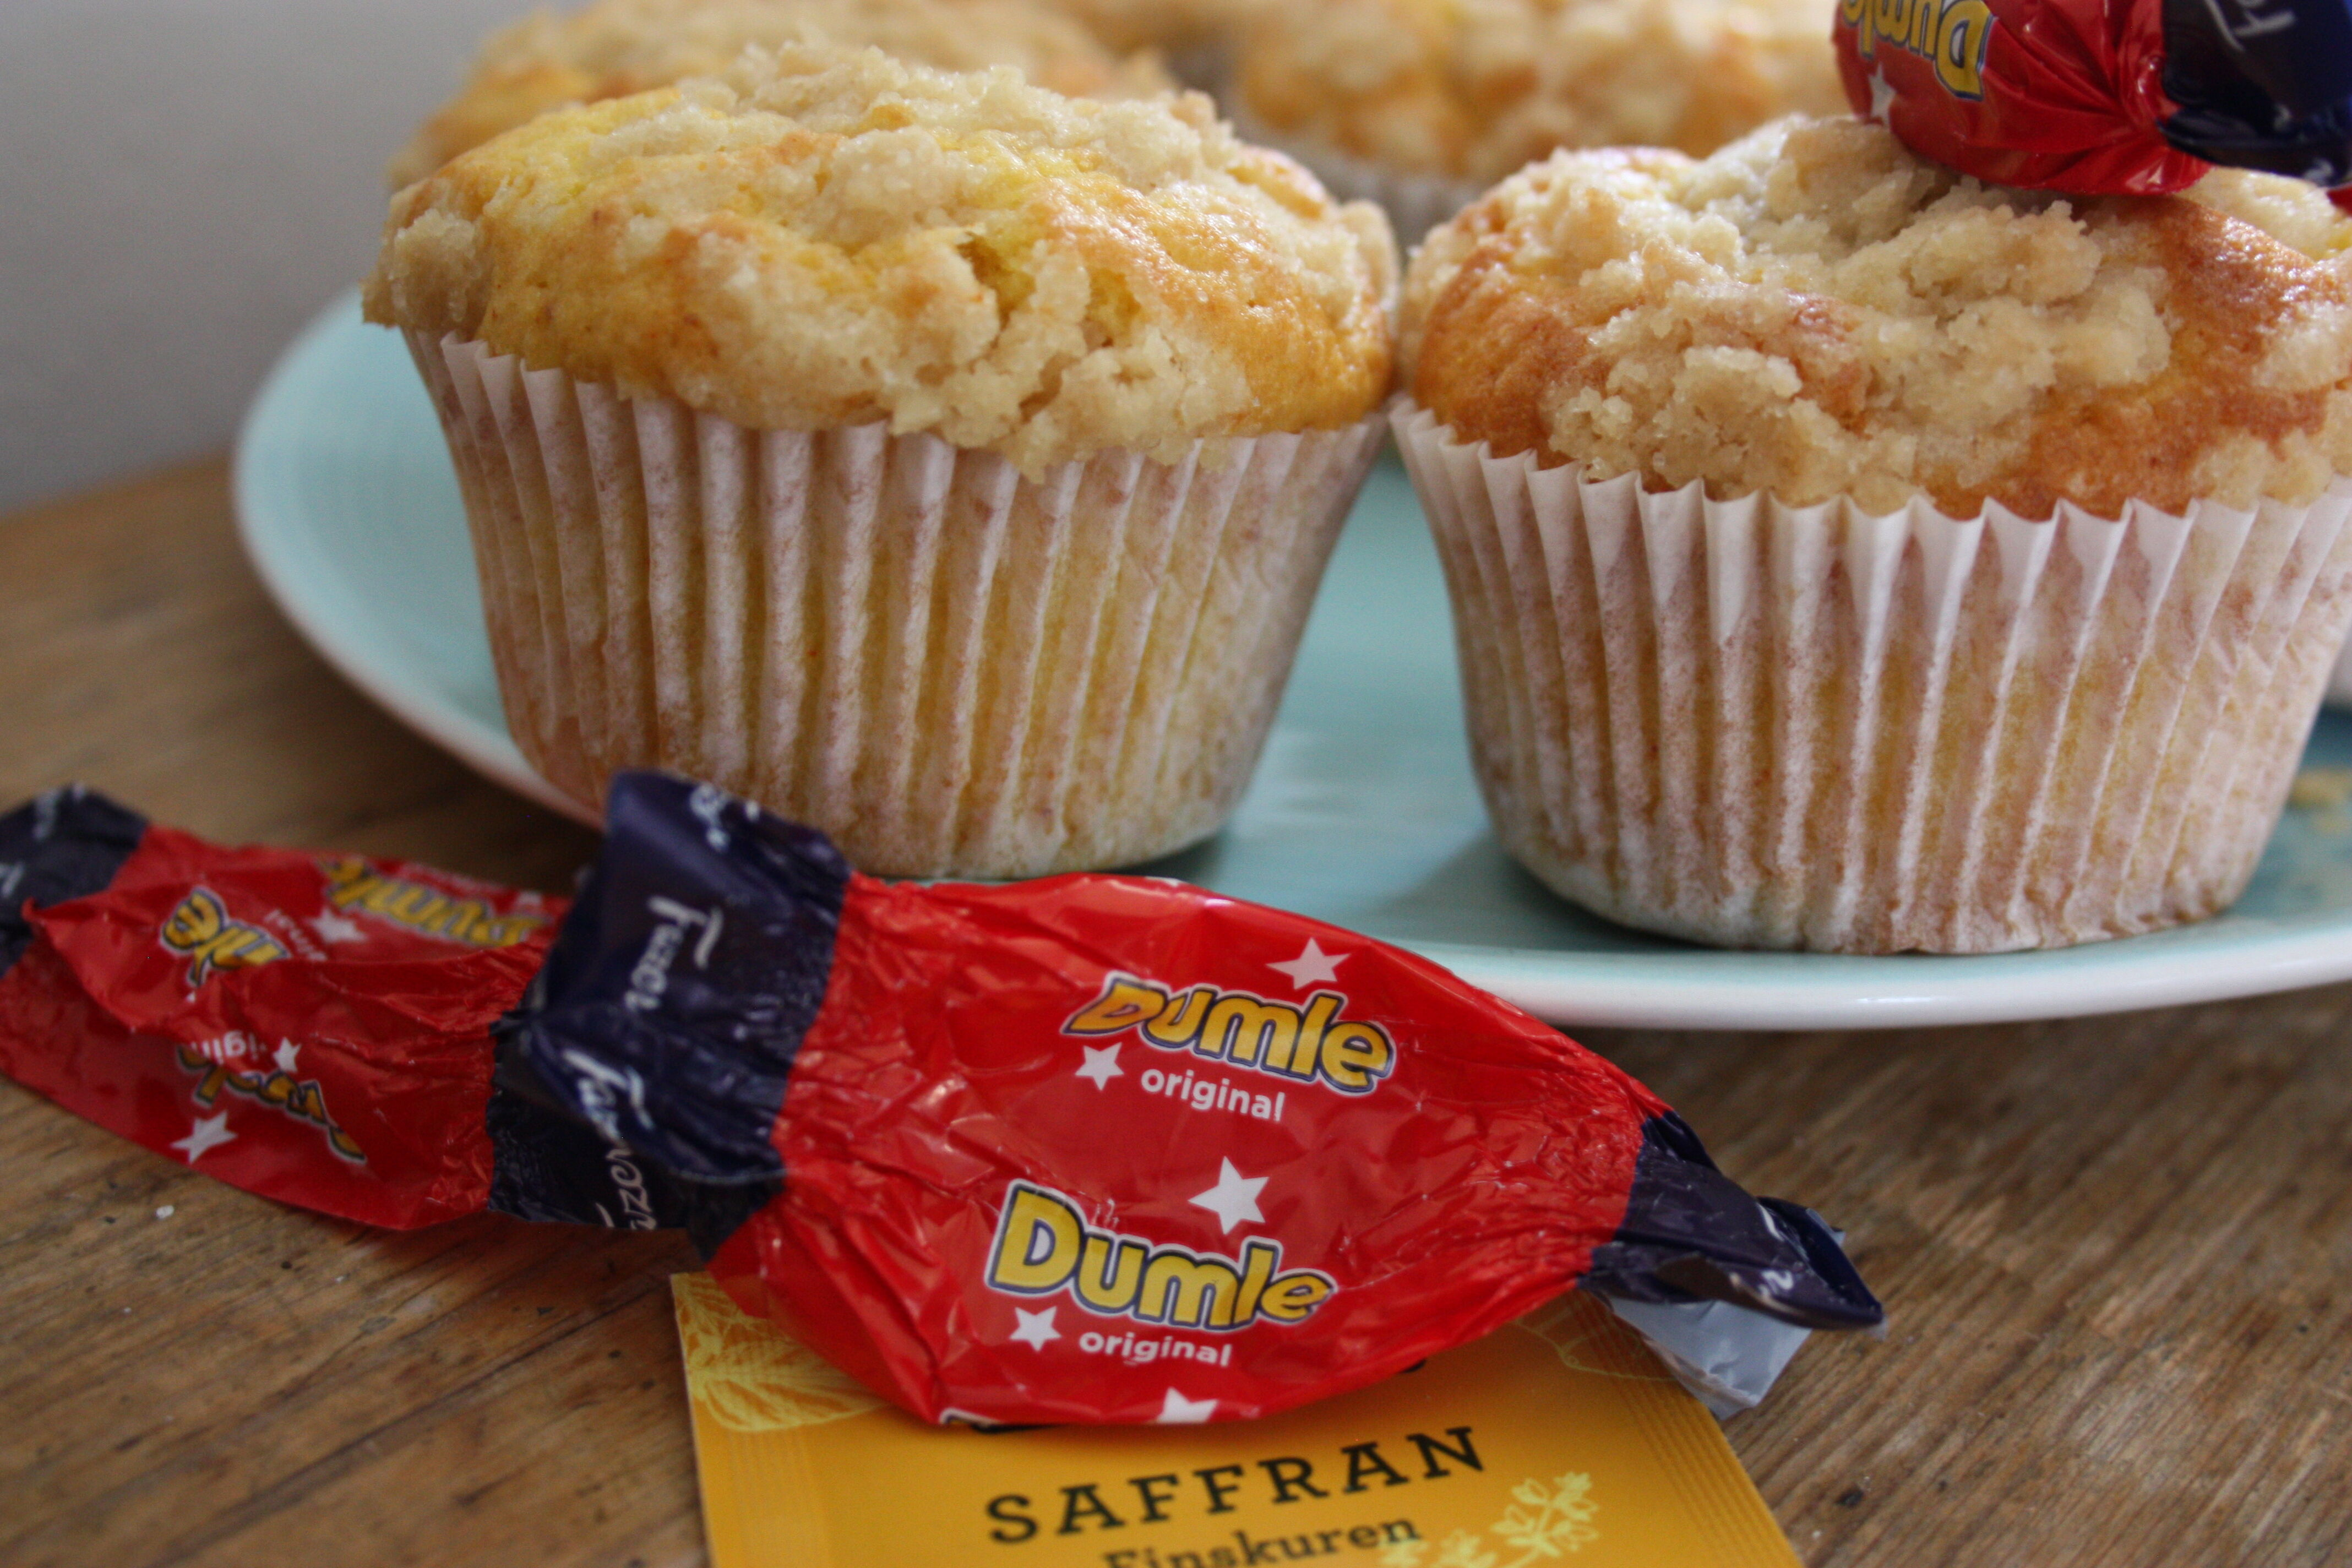 muffins dumle